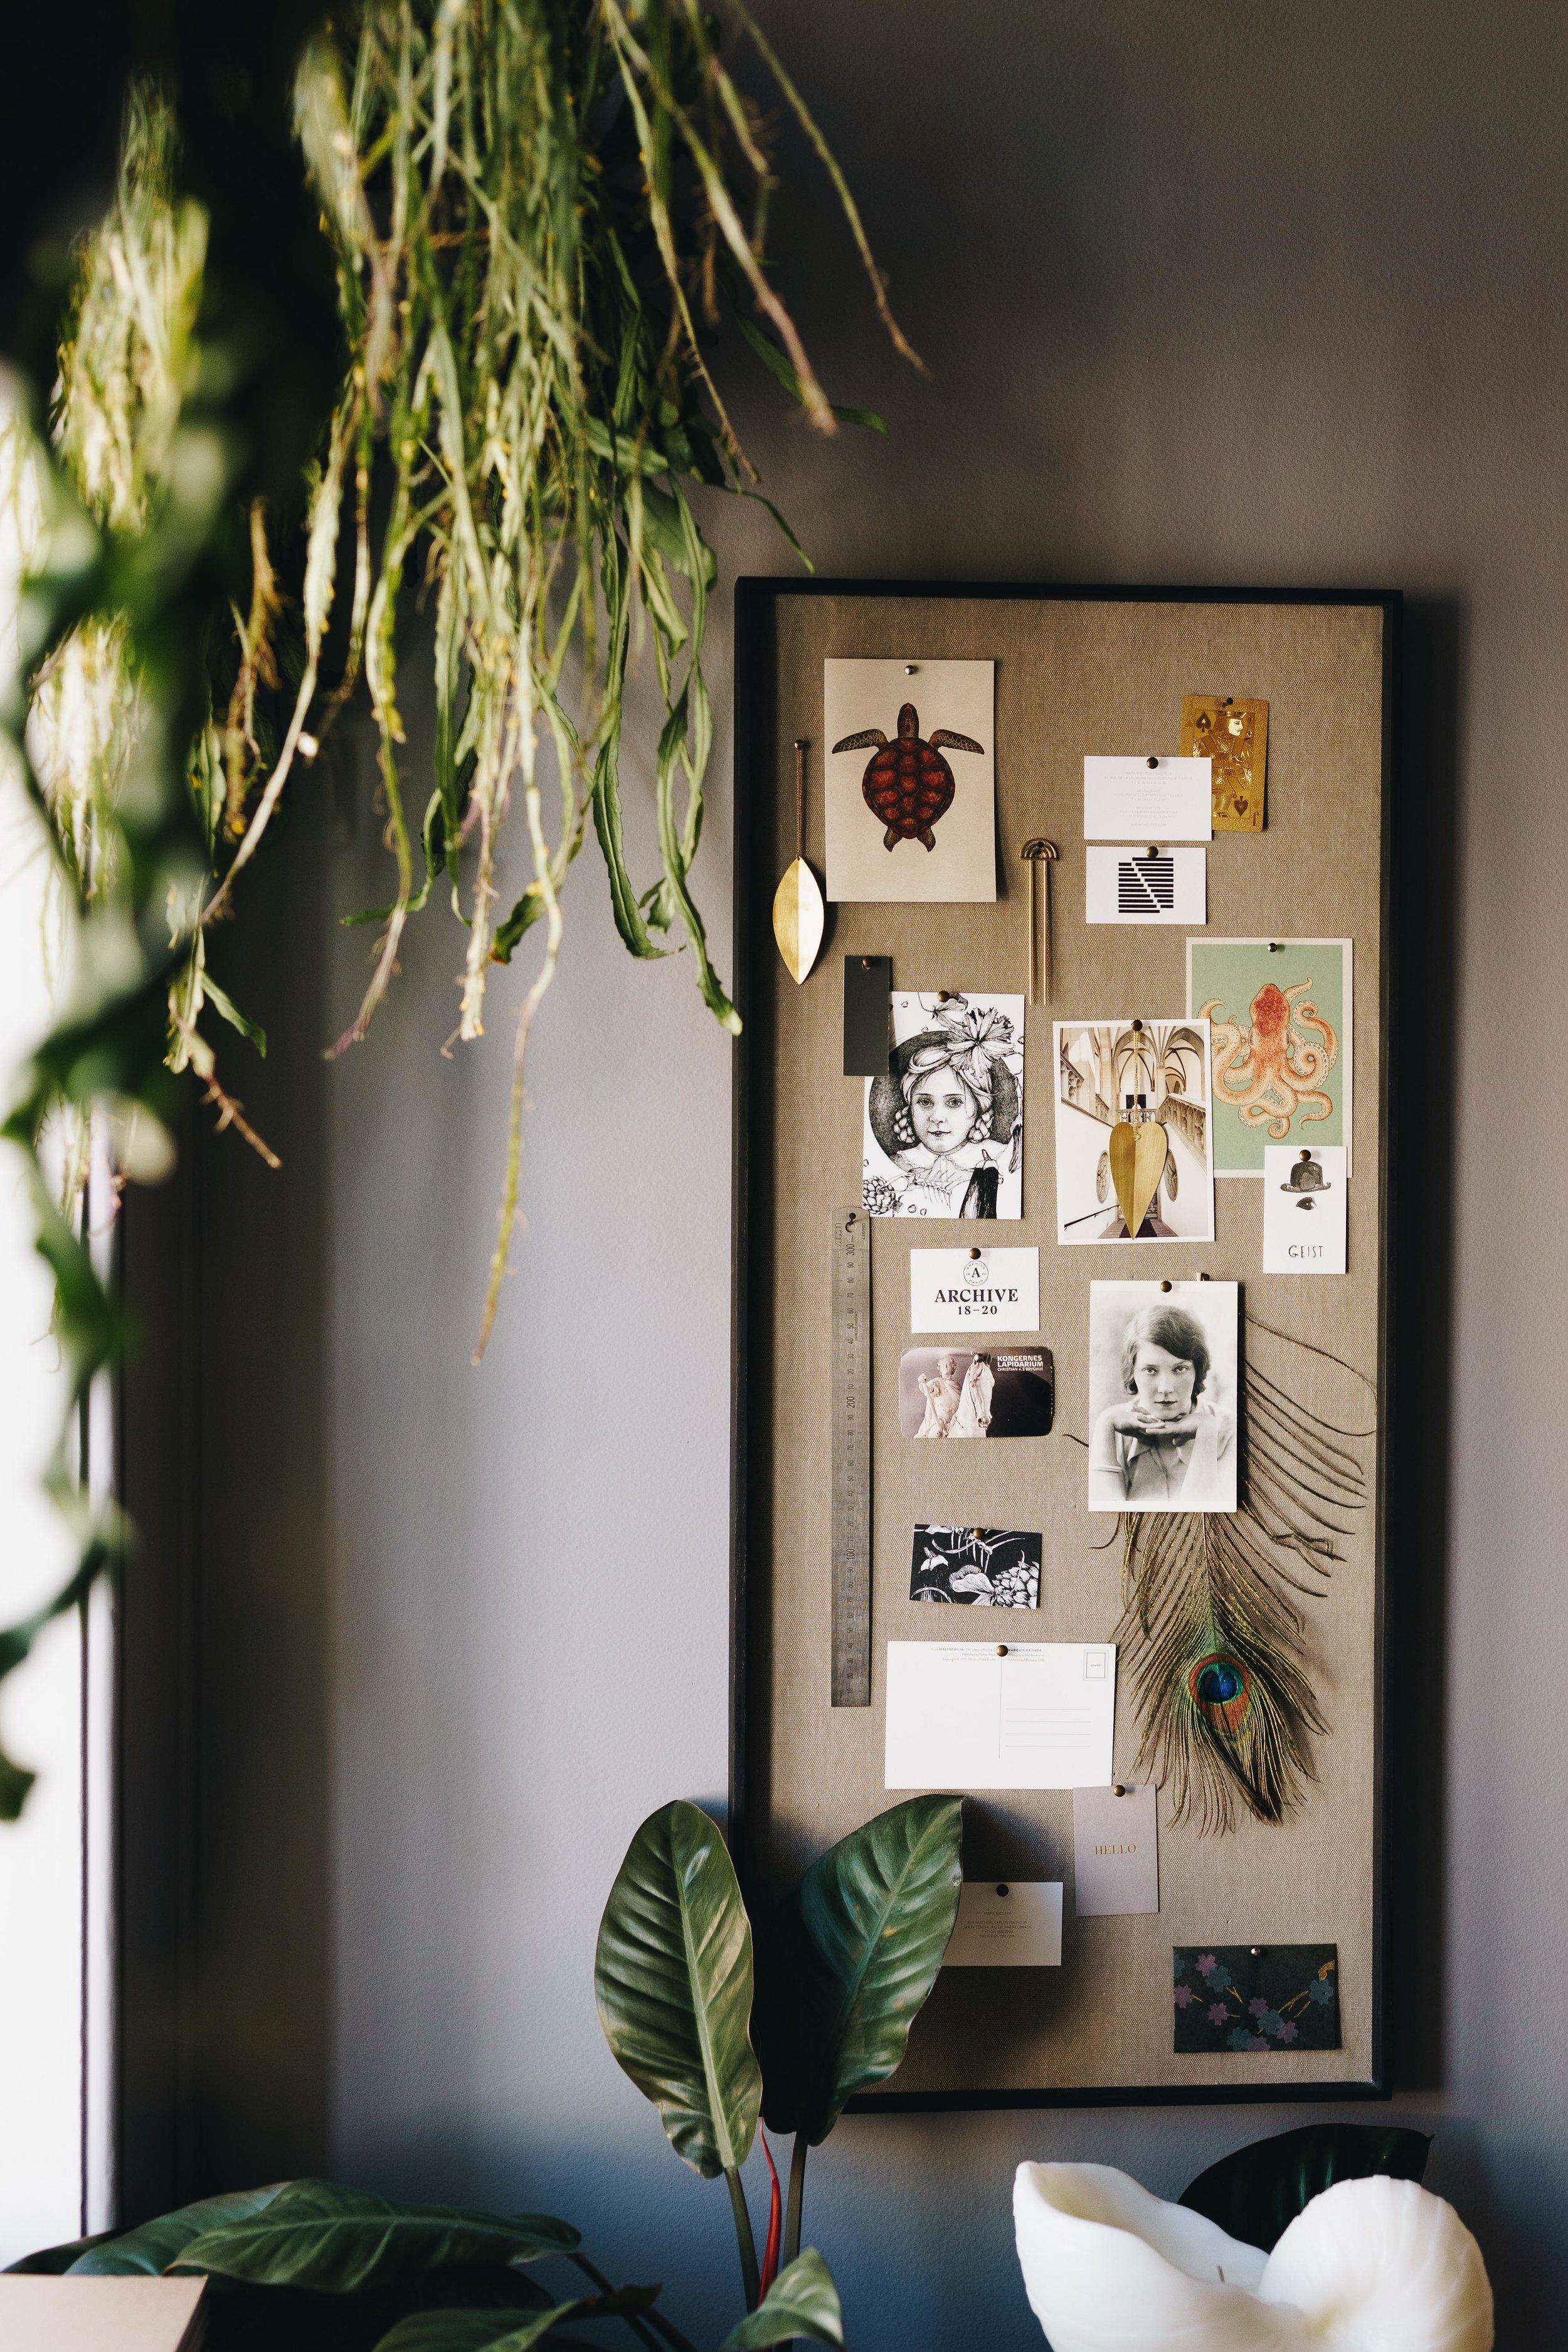 ASROSENVINGE_The Home by Ferm Living_Copenhagen-08751.jpg